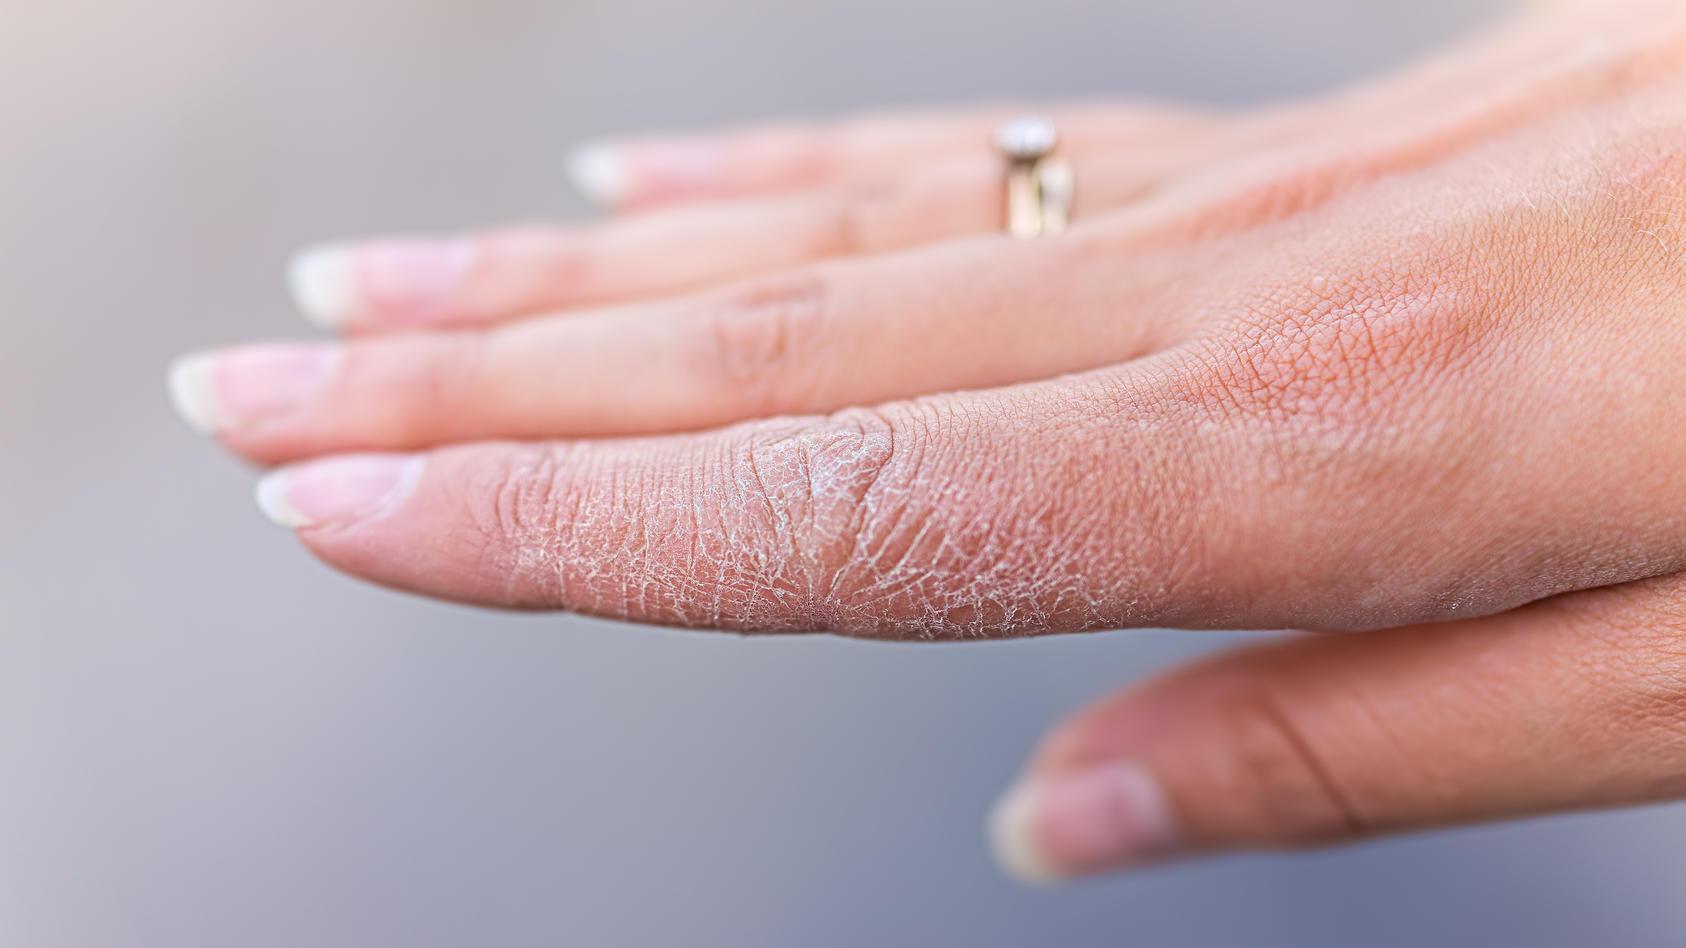 Zu viel Hände waschen führt zu trockener und entzündeter Haut.